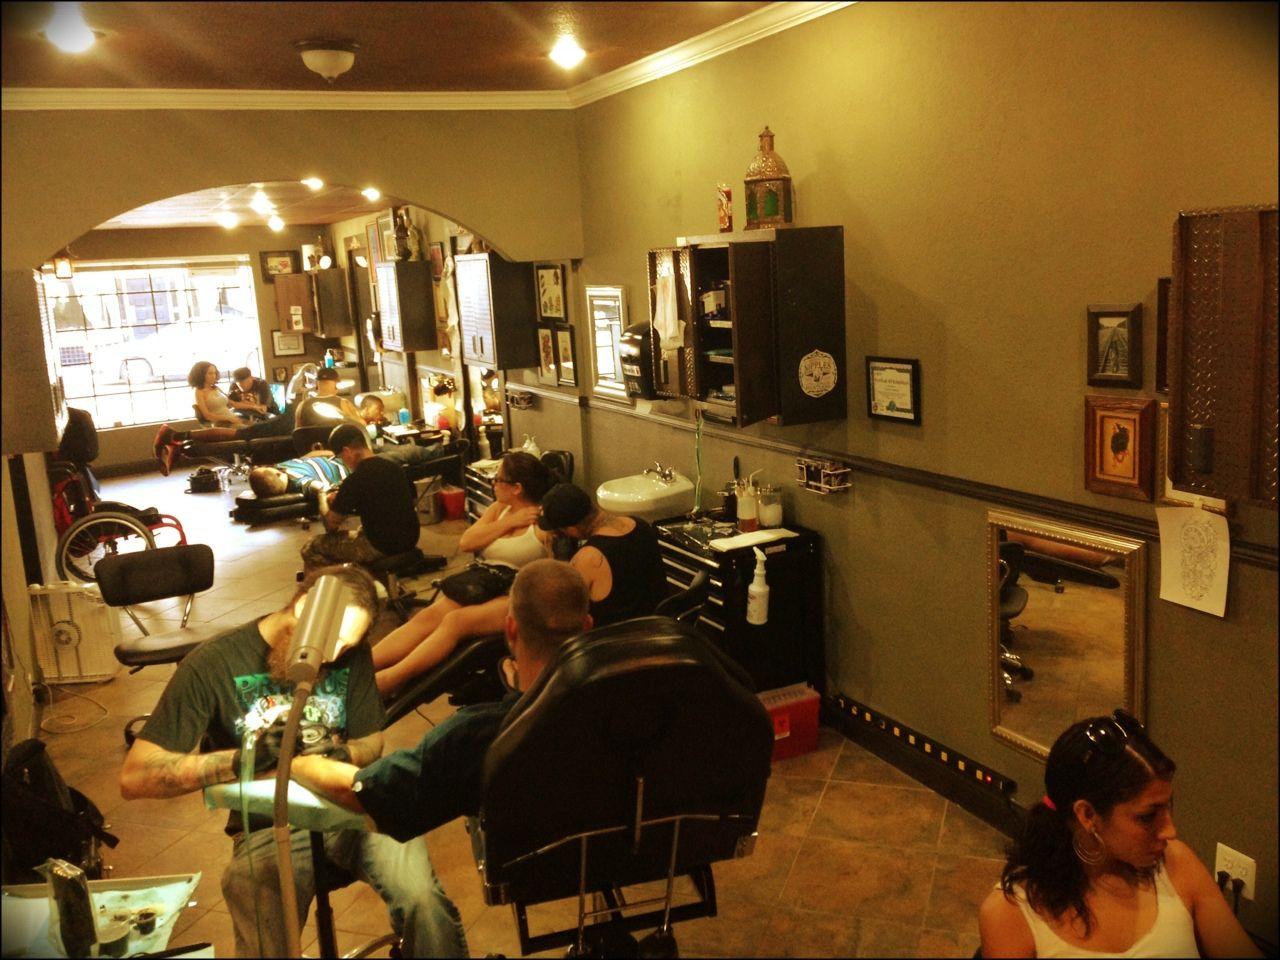 Friday afternoon Flying Dutchman Tattoo Studio Antioch